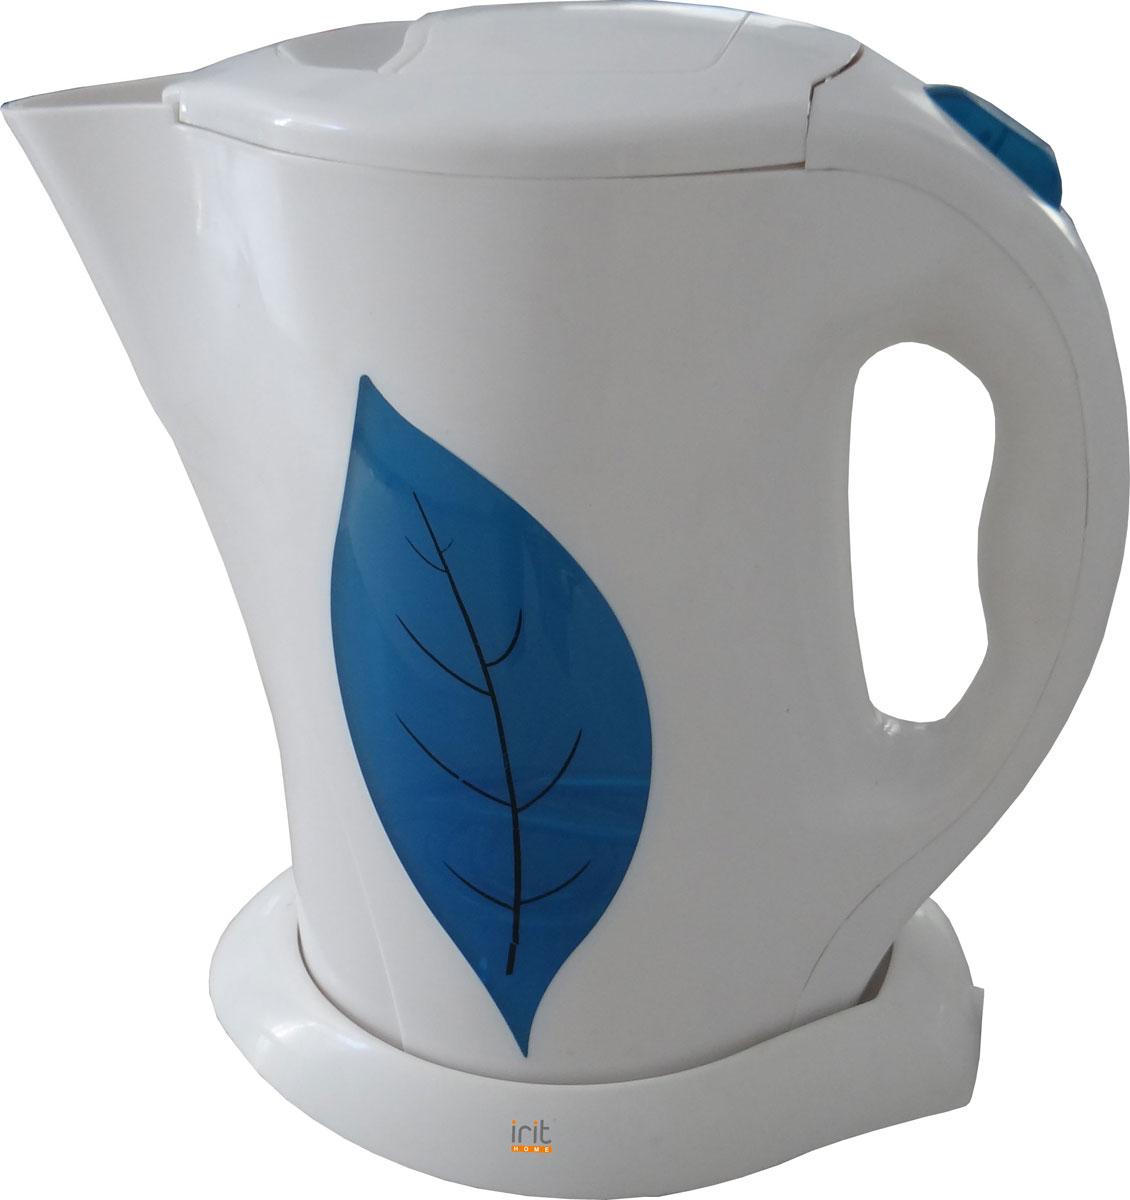 Irit IR-1110 электрический чайник